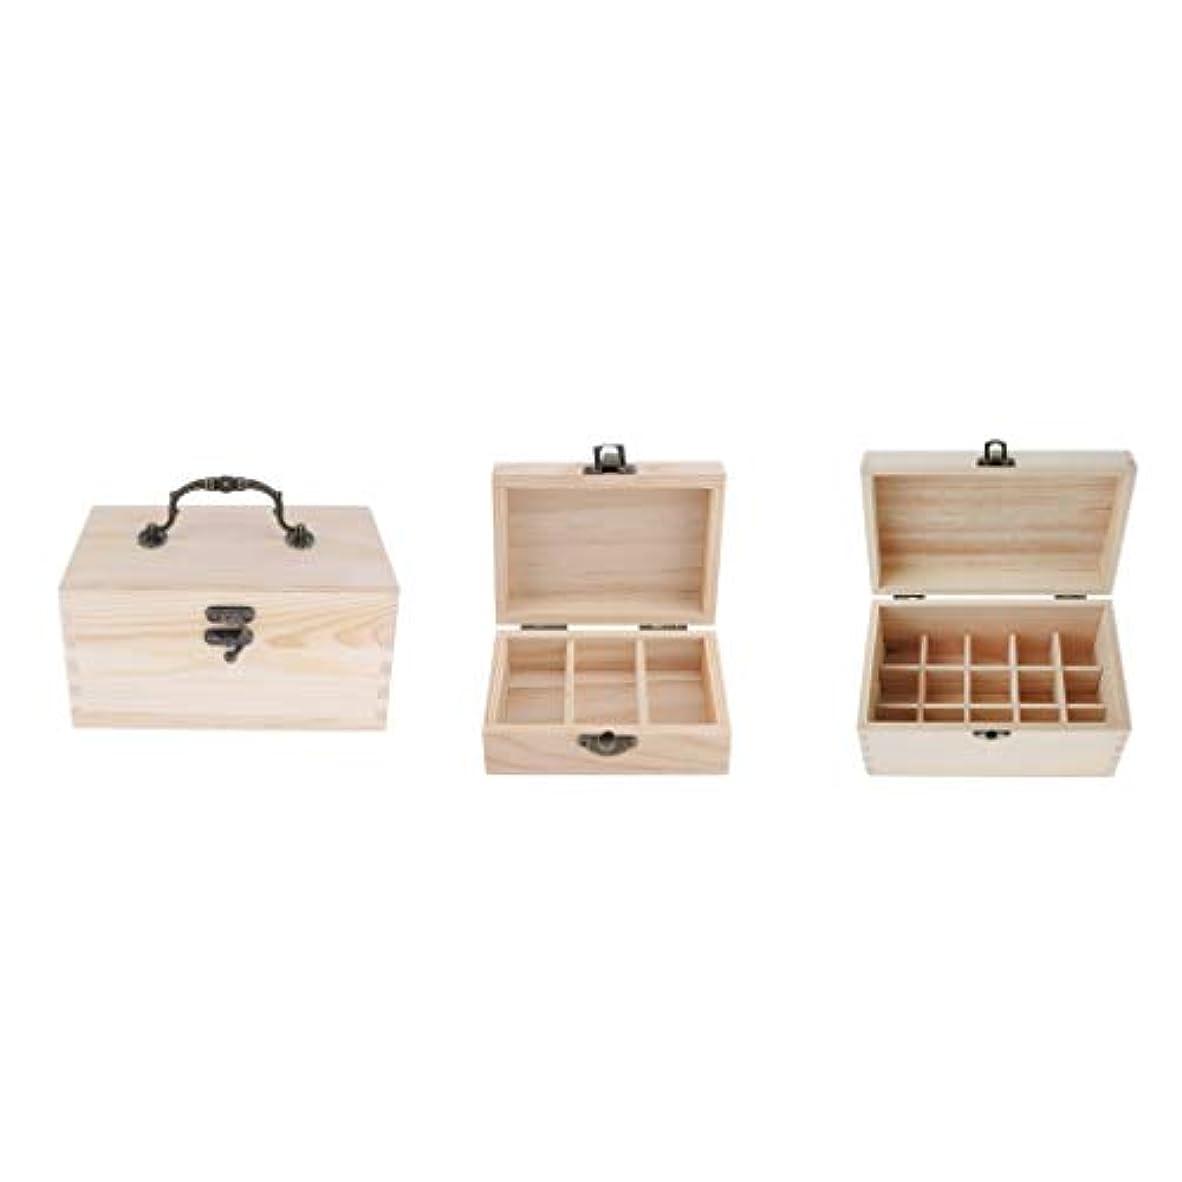 慢なシャックルのみHellery 3個入 精油収納ケース 木製 エッセンシャルオイル 収納ボックス 香水収納ケース アロマオイル収納ボックス